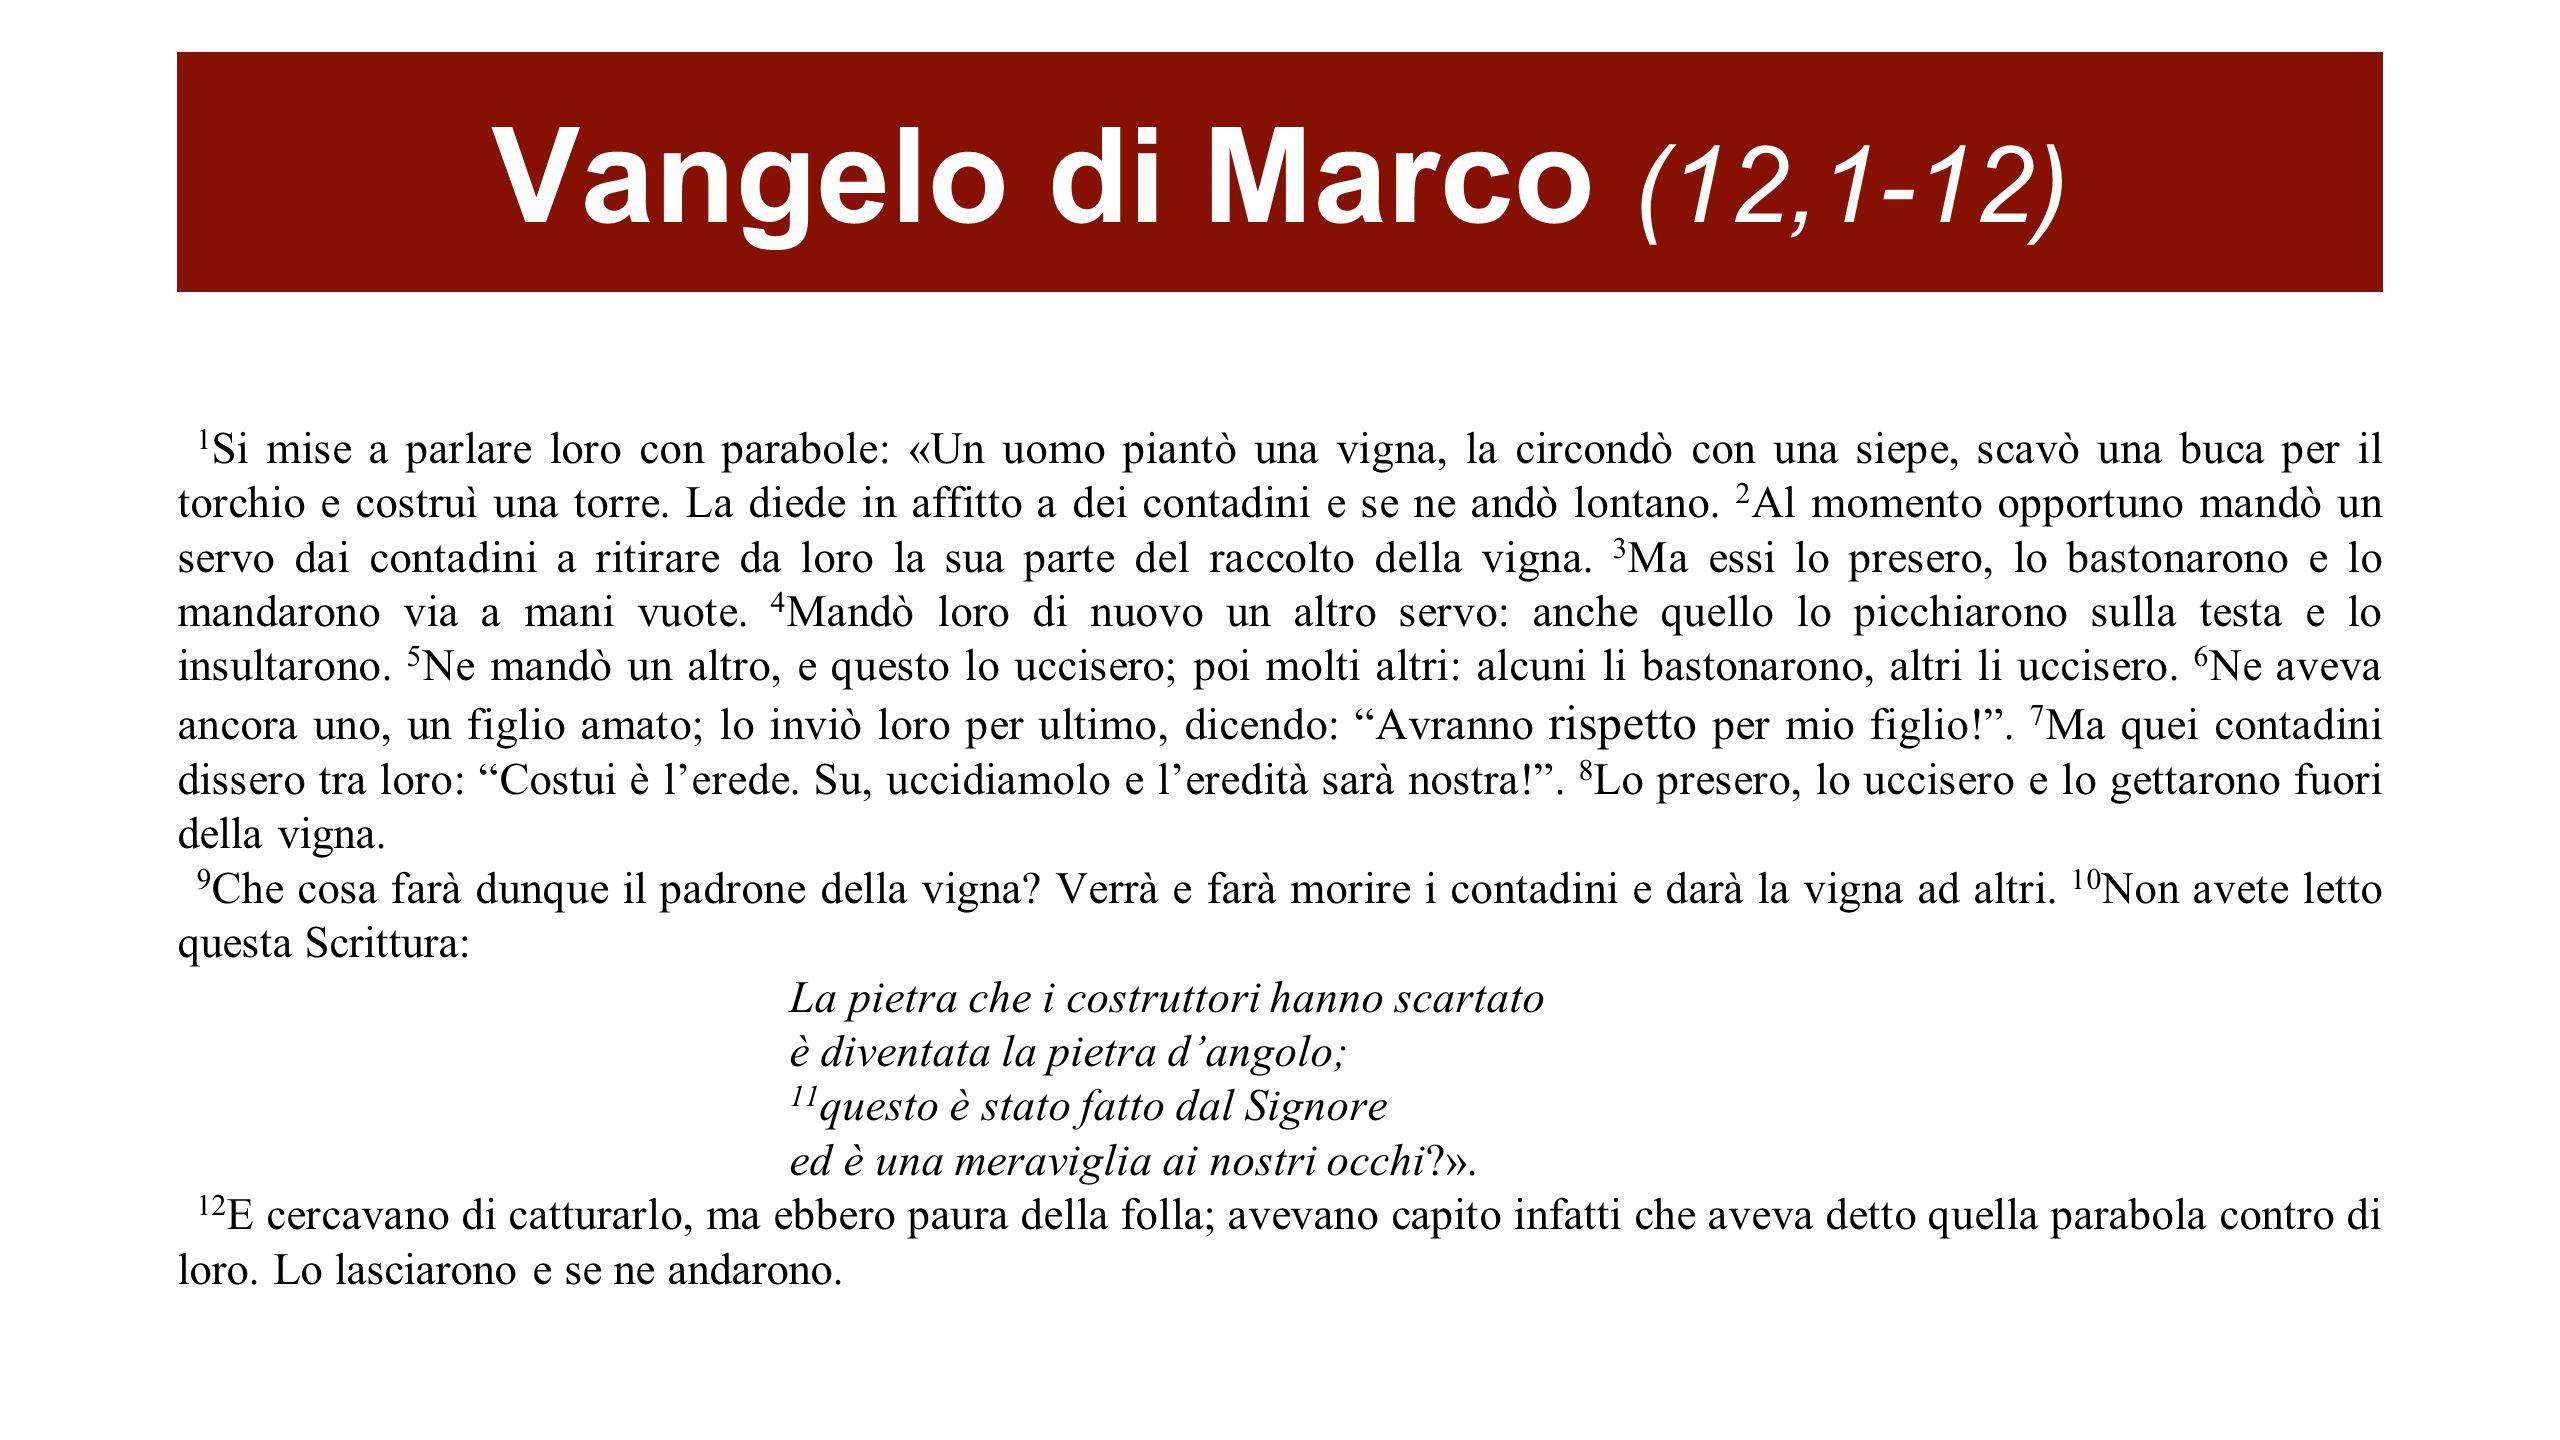 Vangelo di Marco (12,1-12) 1 Si mise a parlare loro con parabole: «Un uomo piantò una vigna, la circondò con una siepe, scavò una buca per il torchio